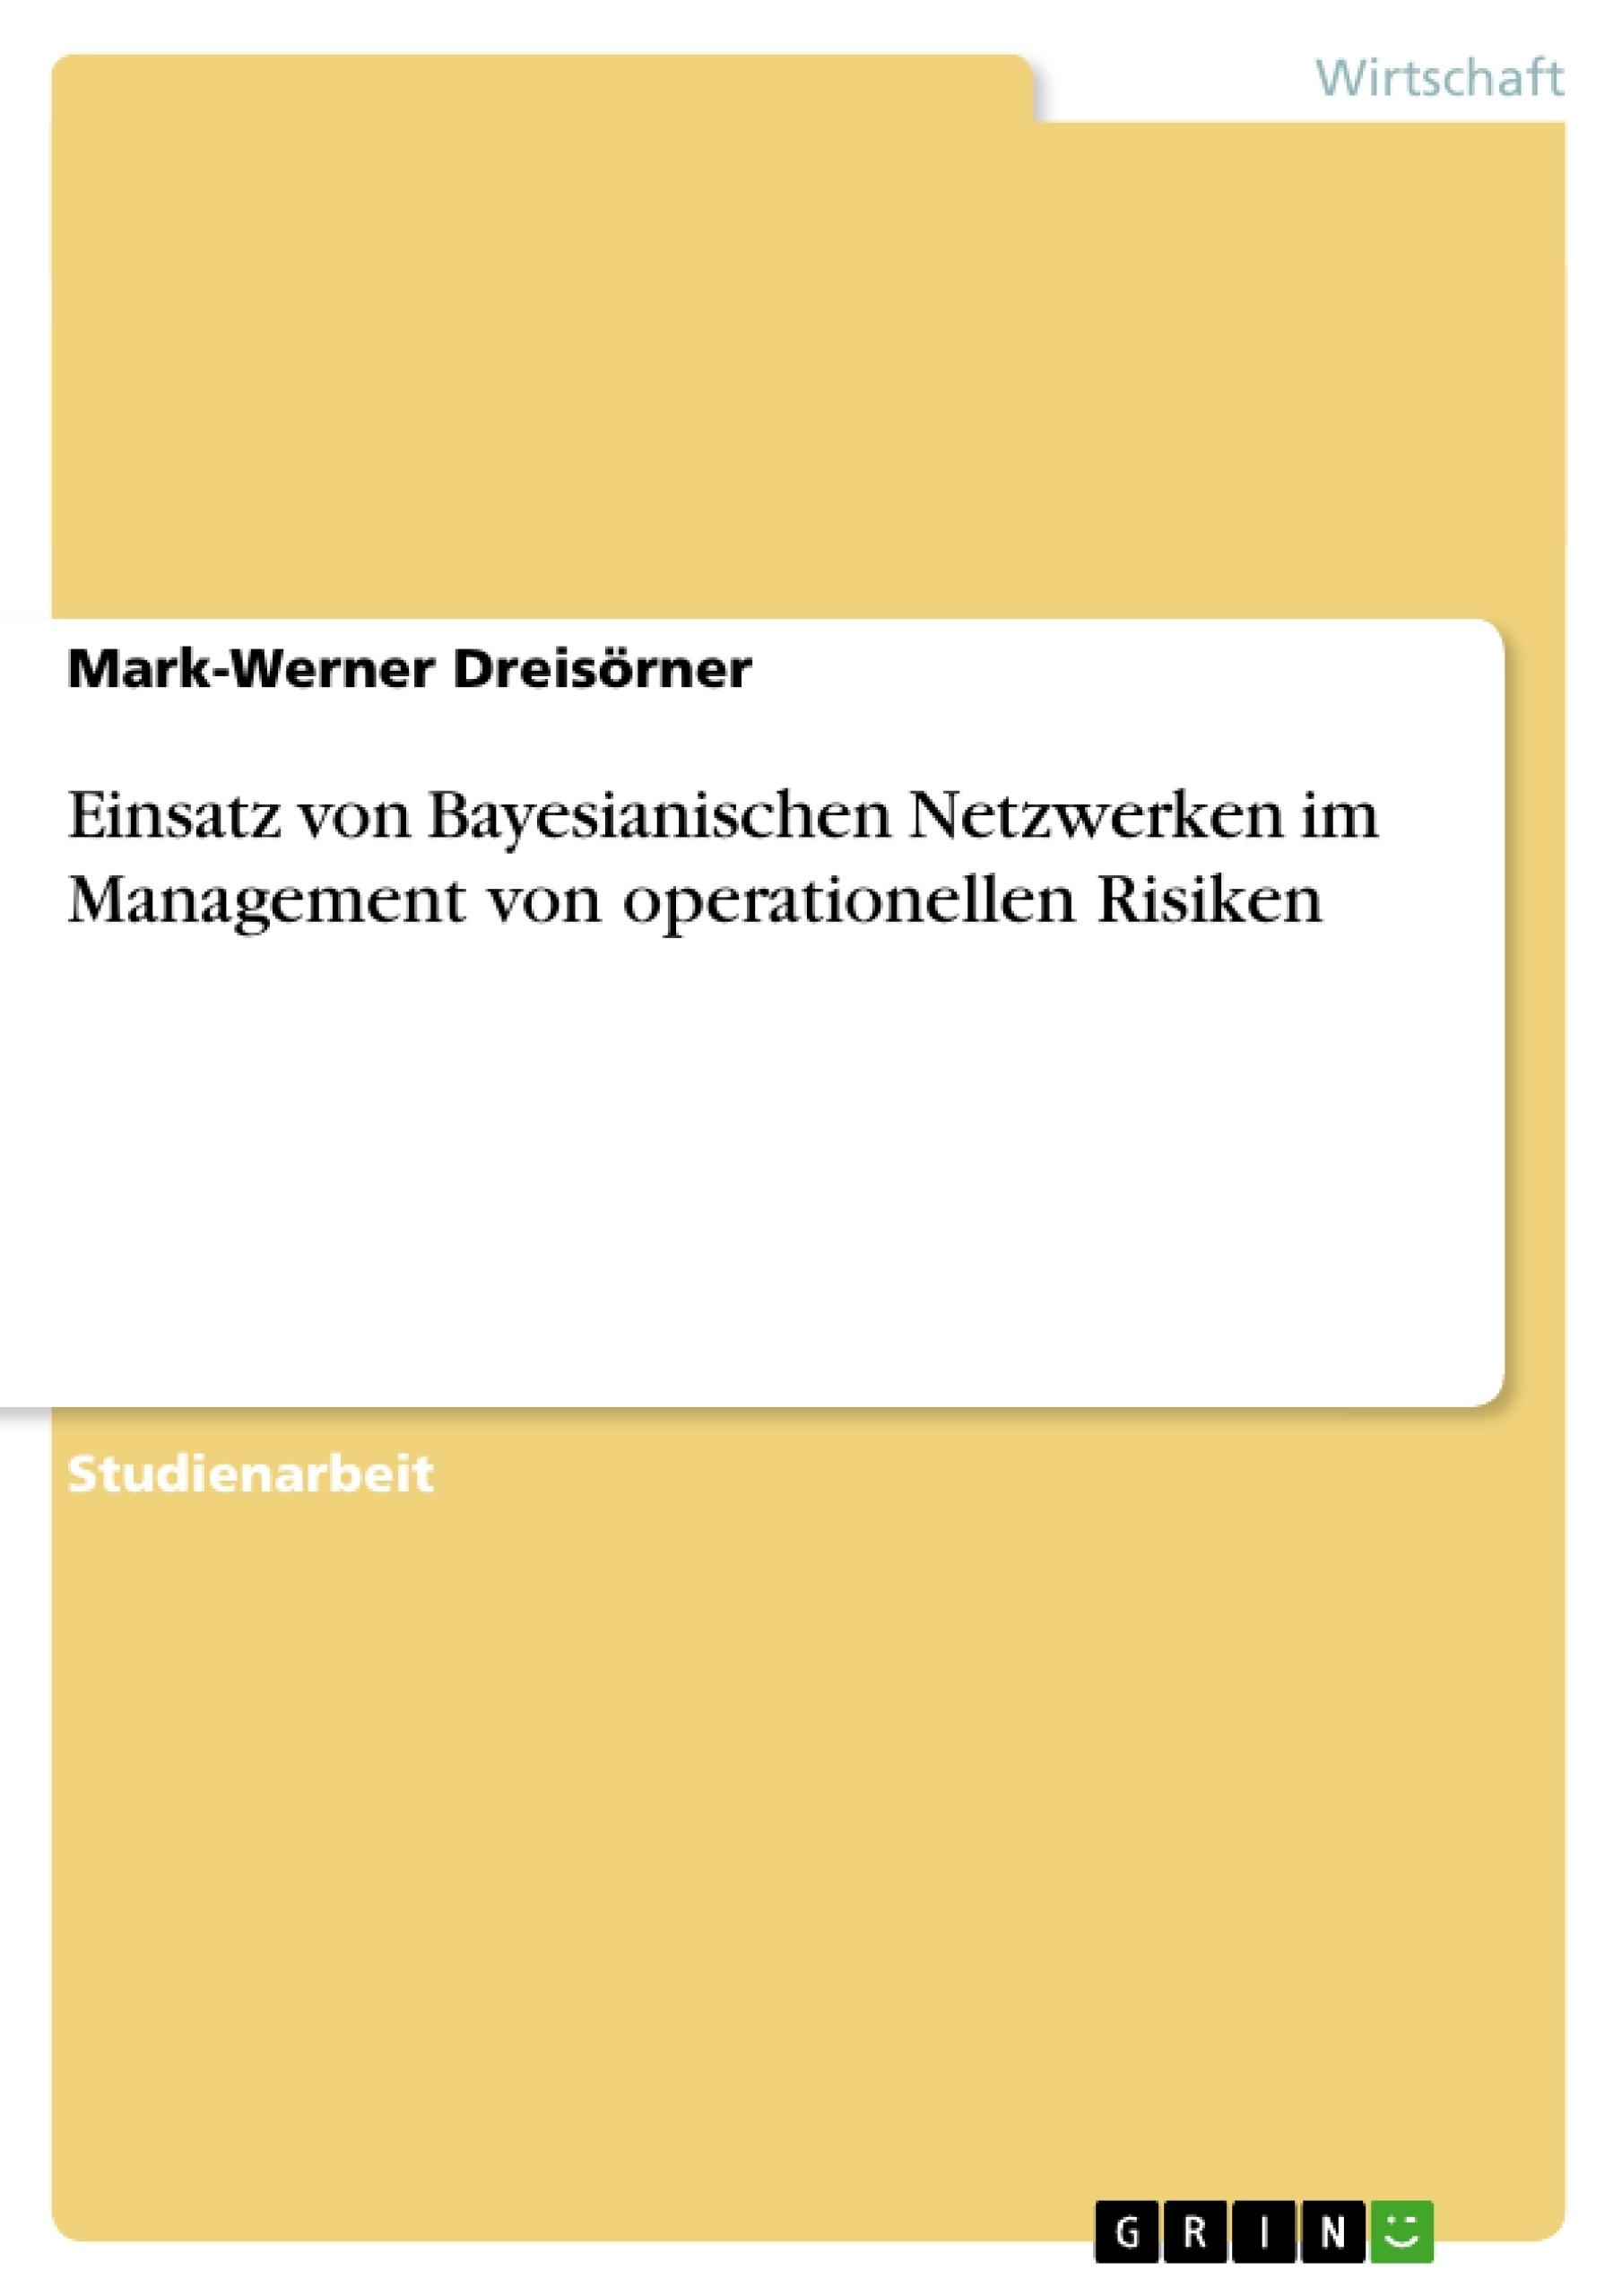 Titel: Einsatz von Bayesianischen Netzwerken im Management von operationellen Risiken